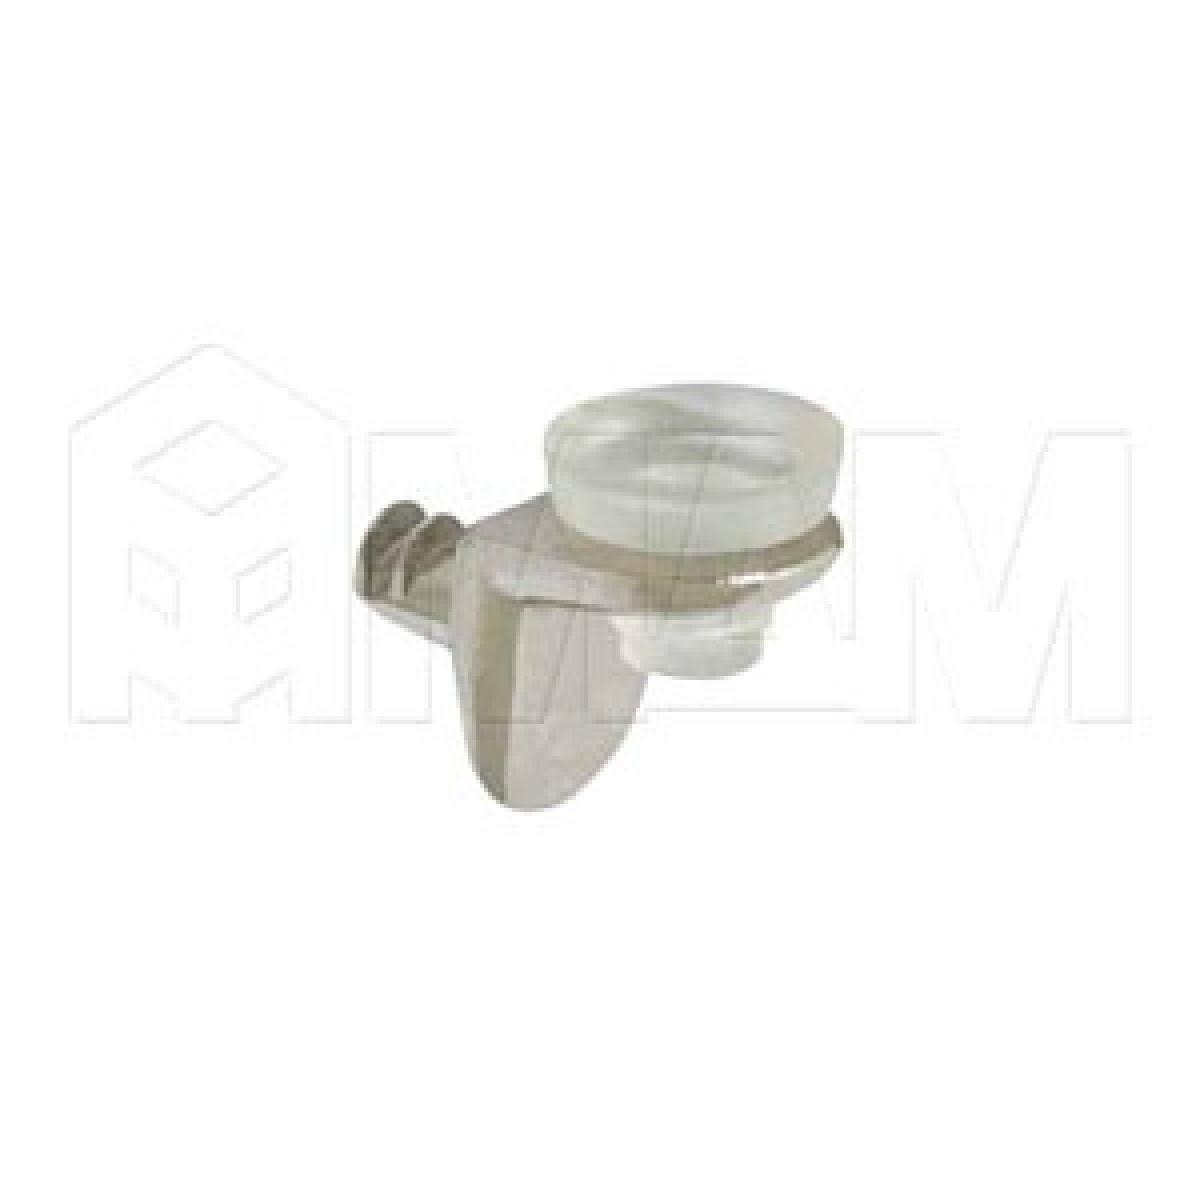 Полкодержатель с присоской и дополнительным упором для стеклянных полок, никель/прозрачный